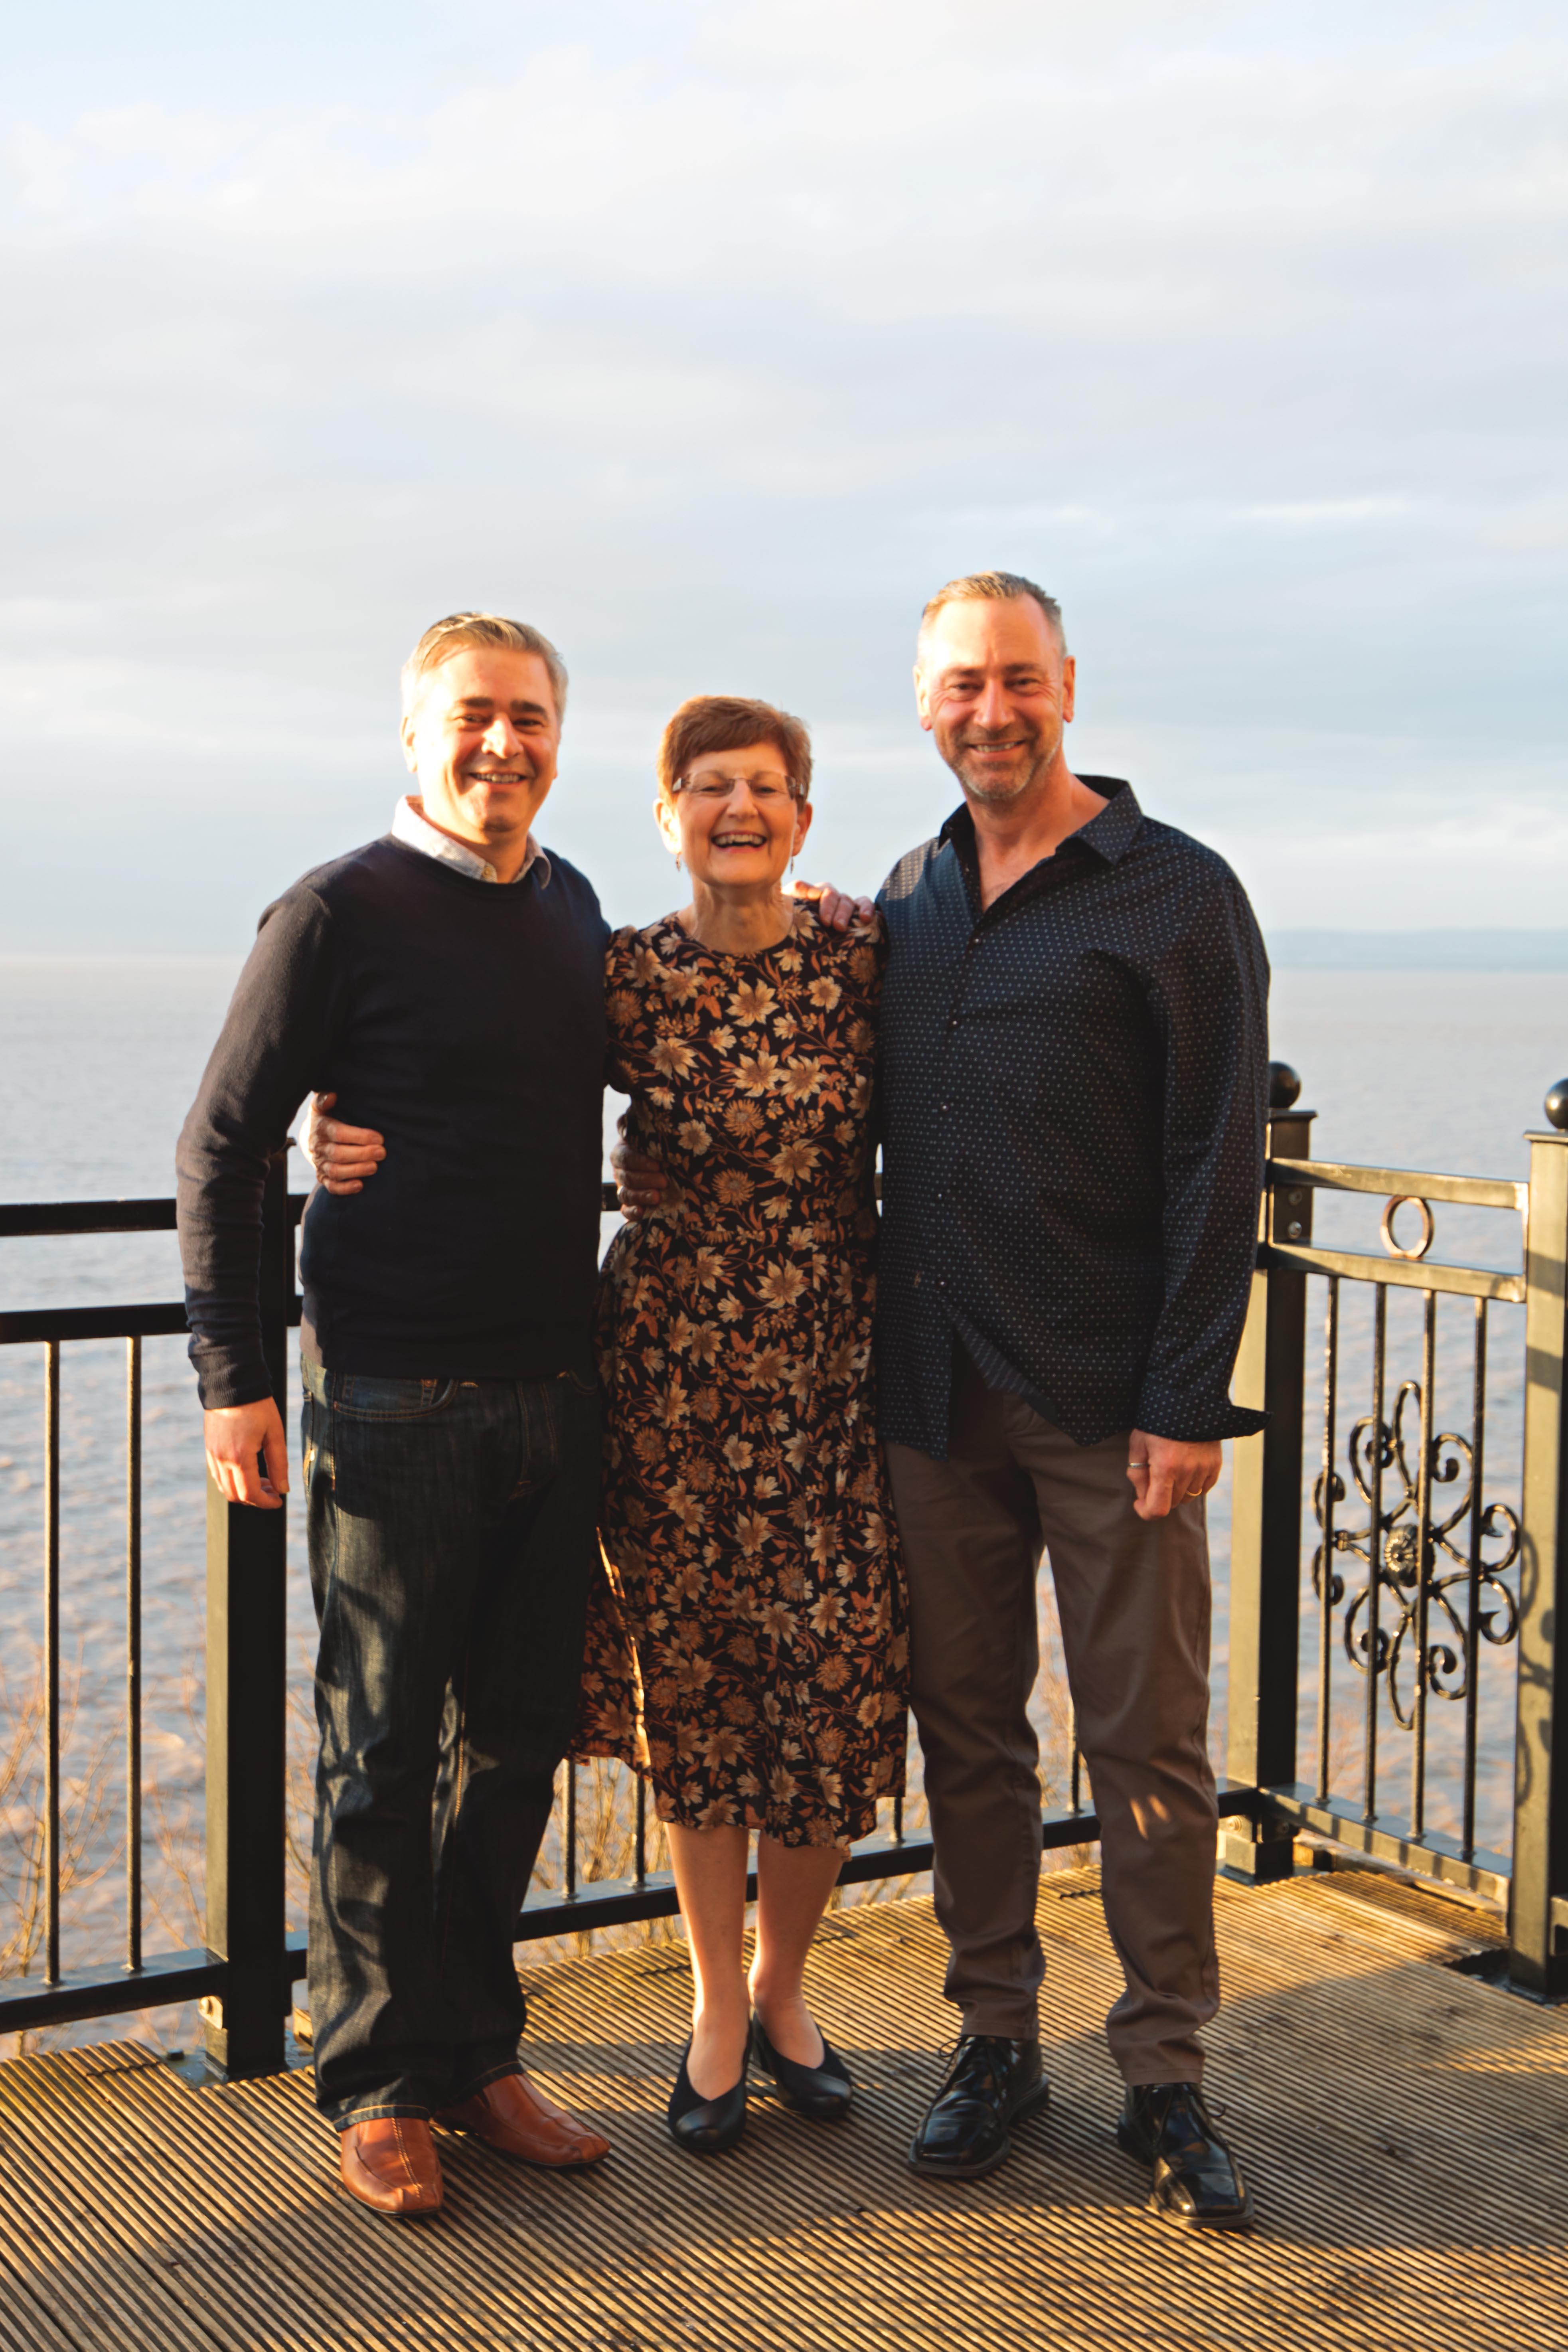 Clevedon Family Photos